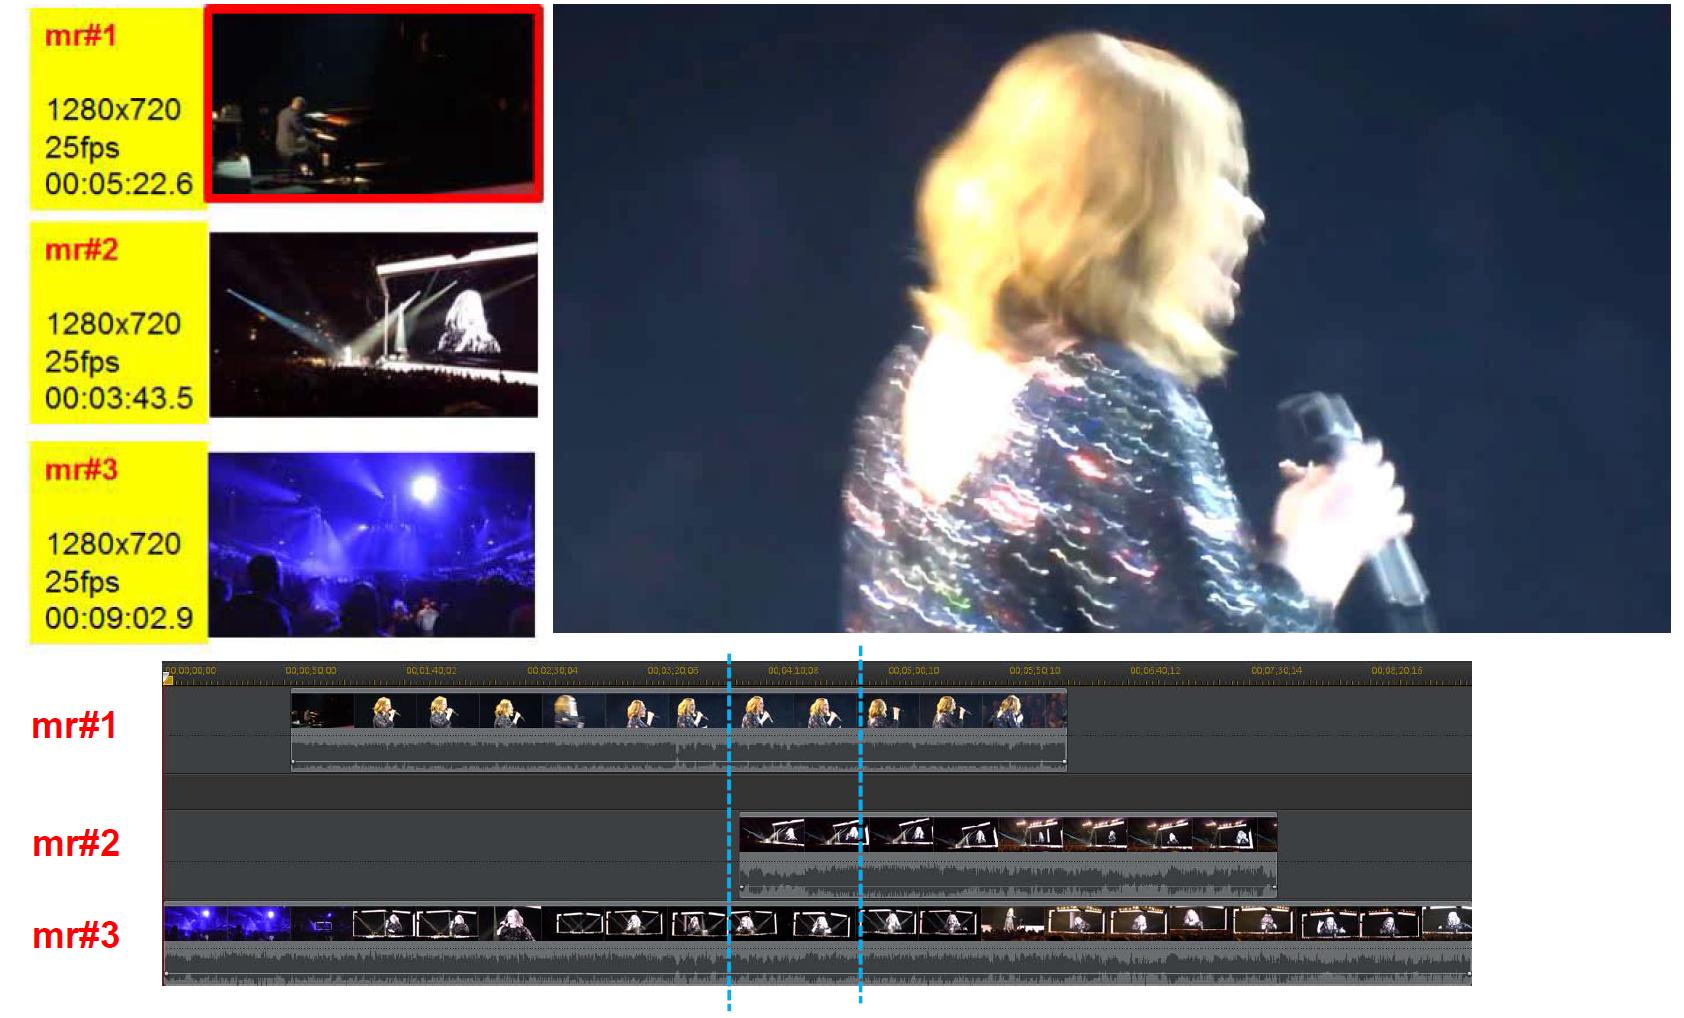 不同角度、不同距離、不同段落的演唱會影片,混搭拼貼成完整的演出視訊。 資料來源|廖弘源 圖說設計|黃楷元